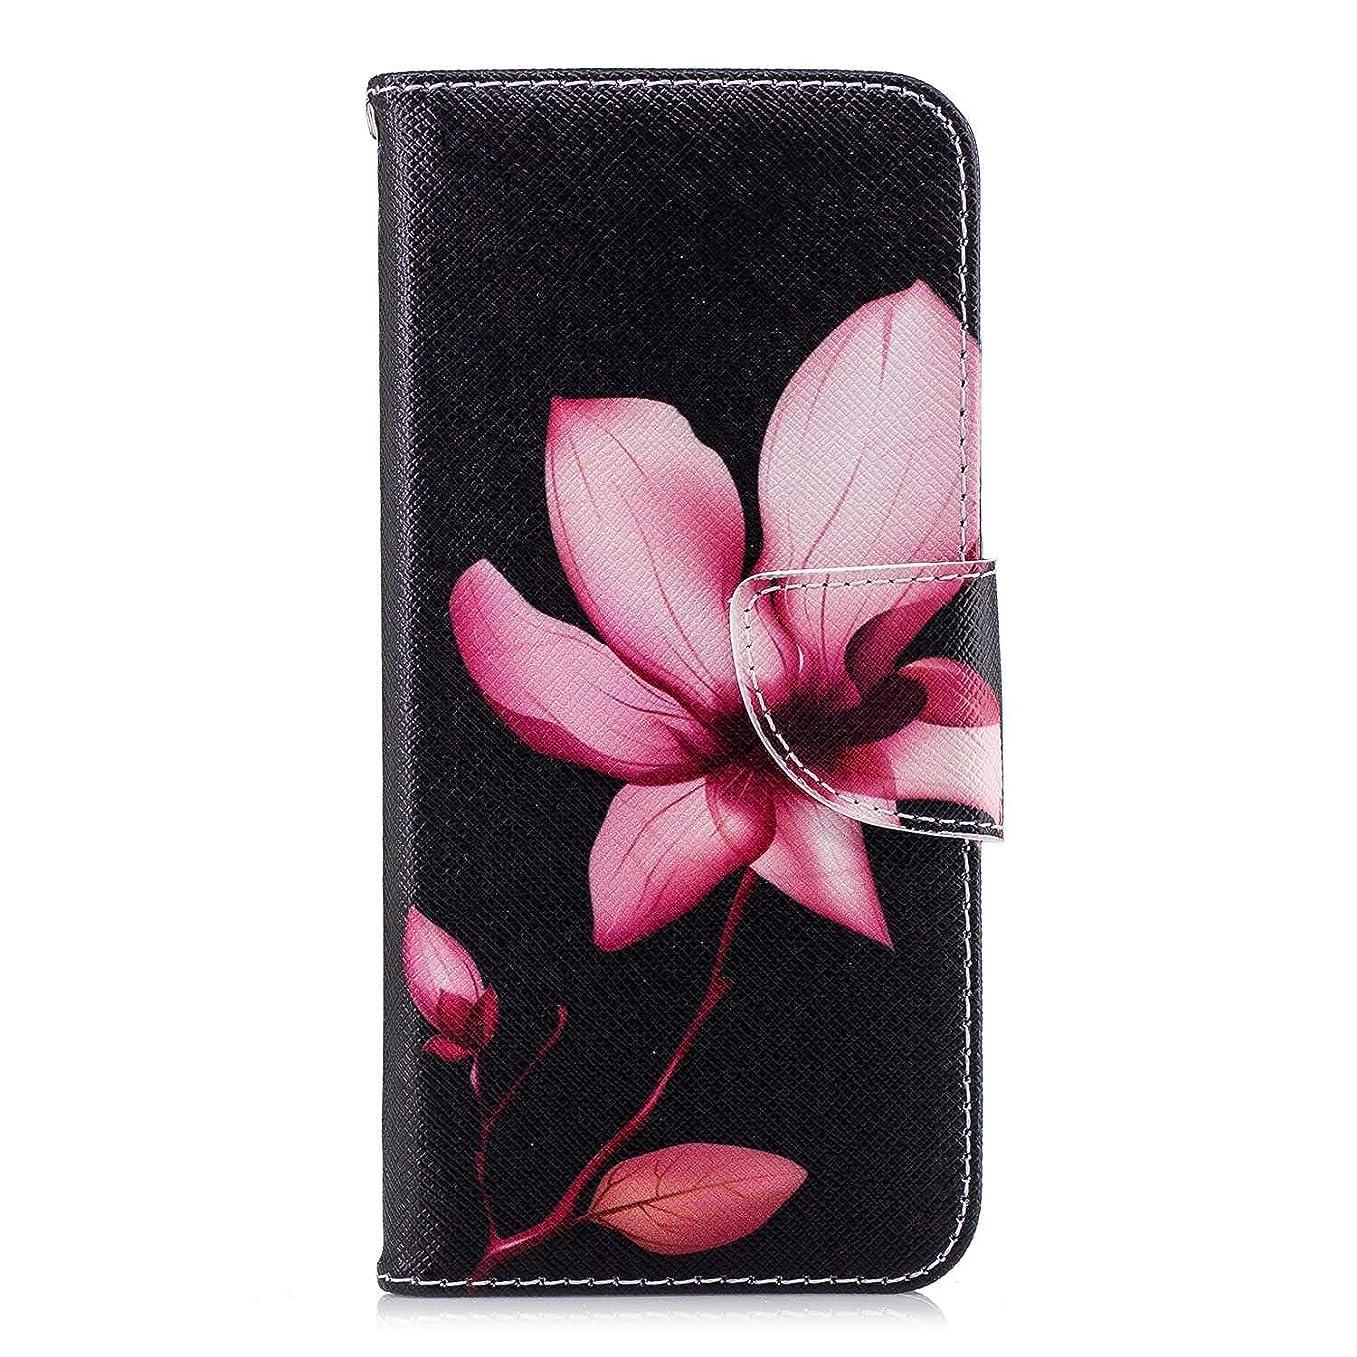 家庭教師速度マッシュOMATENTI Huawei Honor 10 ケース, ファッション人気 PUレザー 手帳 軽量 電話ケース 耐衝撃性 落下防止 薄型 スマホケースザー 付きスタンド機能, マグネット開閉式 そしてカード収納 Huawei Honor 10 用 Case Cover, 花